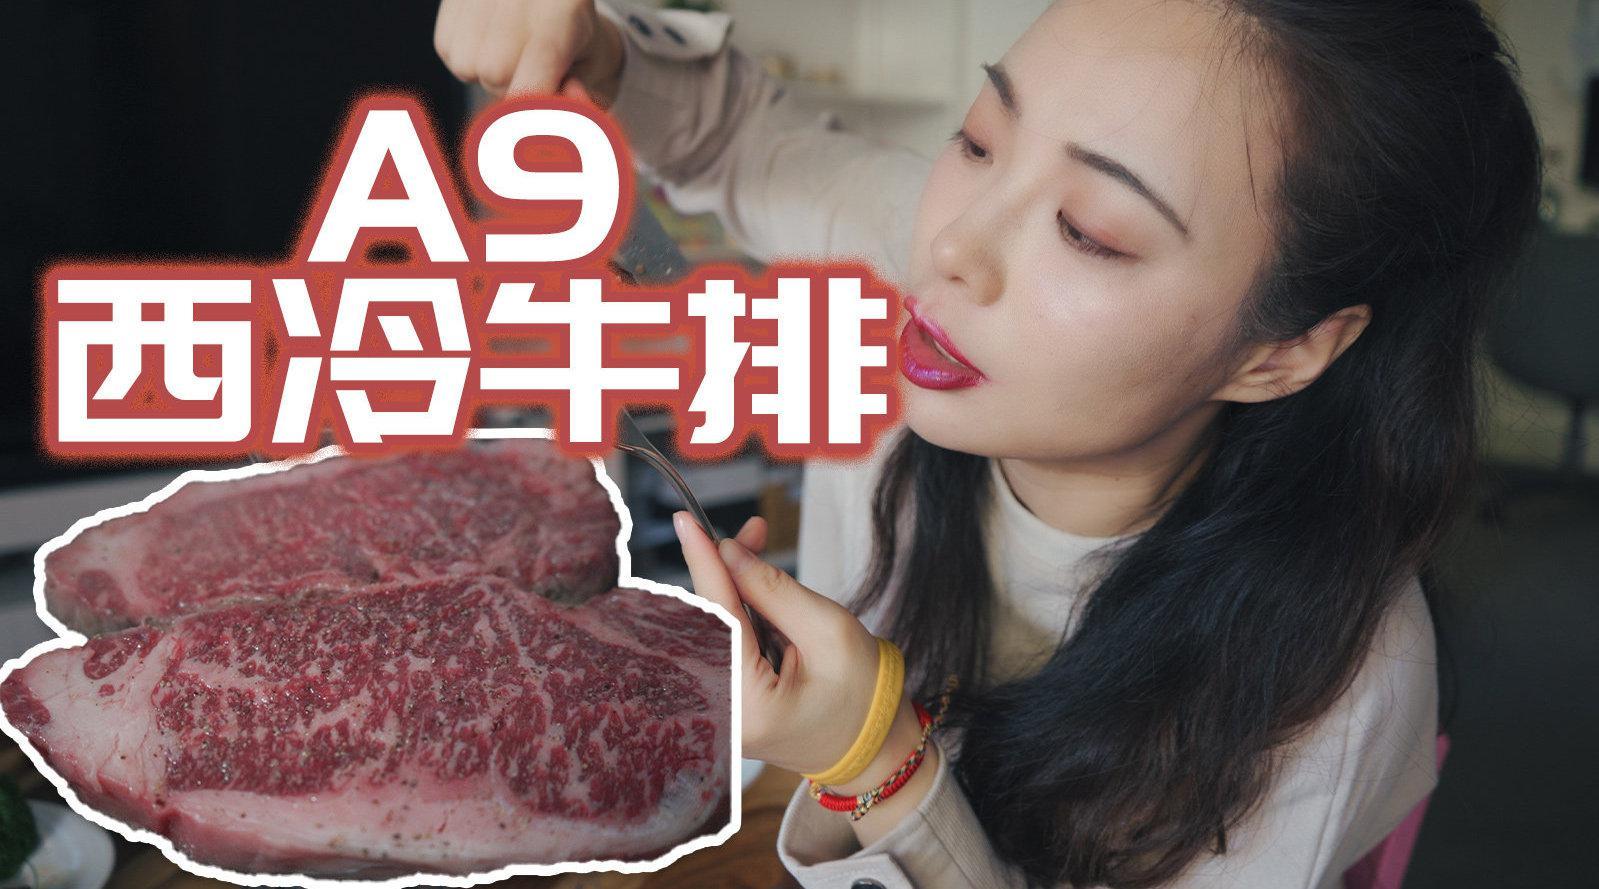 M9西冷牛排不到50一公斤 | 健完身M9和牛吃到饱 健身也要 吃好!